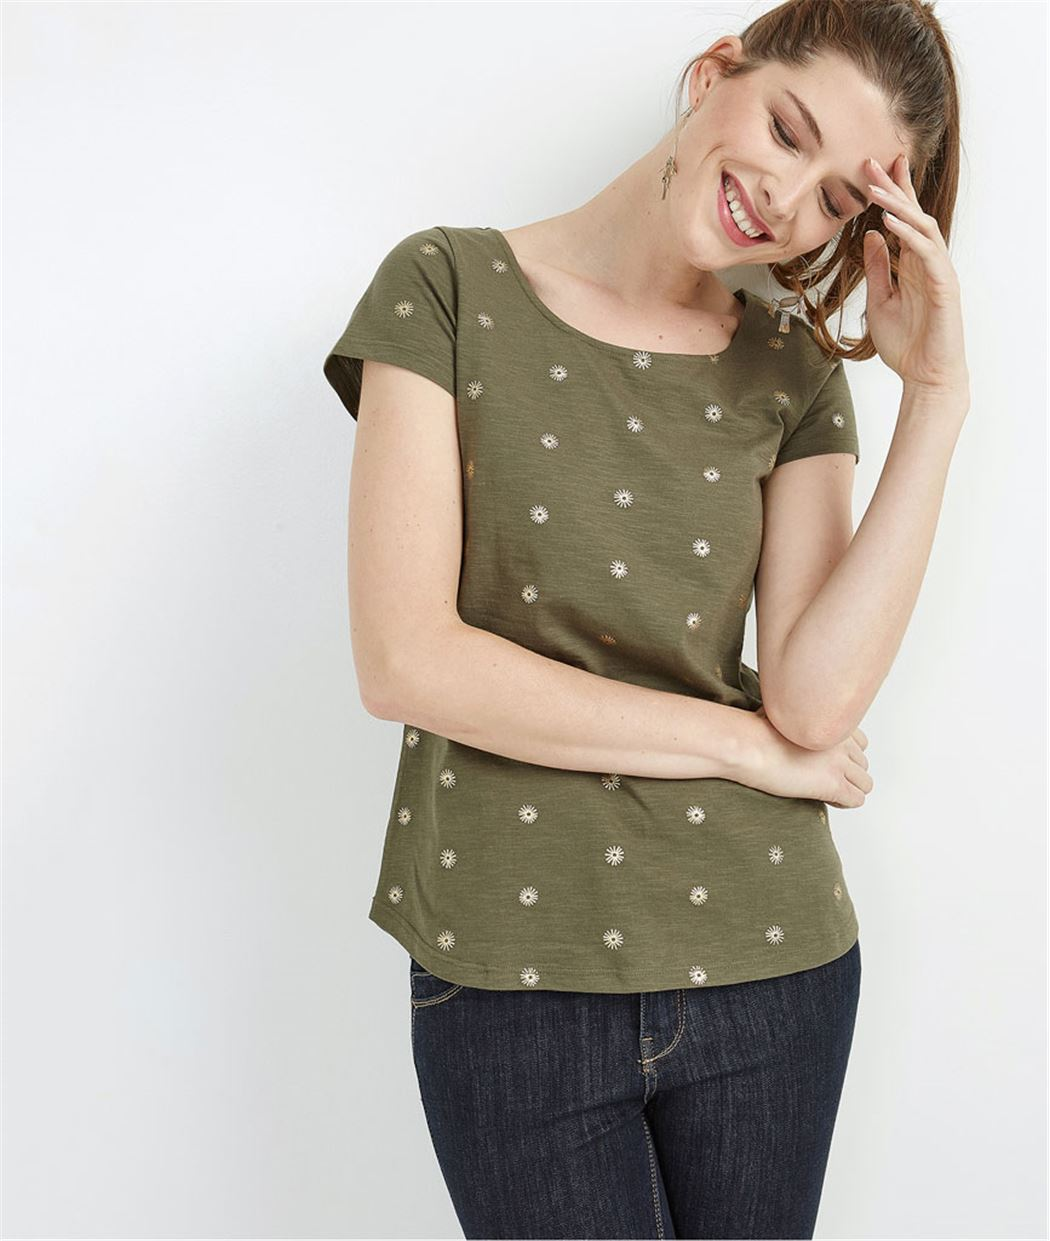 e3a6fc6024d T-shirt femme imprimé décolleté dos KAKI - Grain de Malice